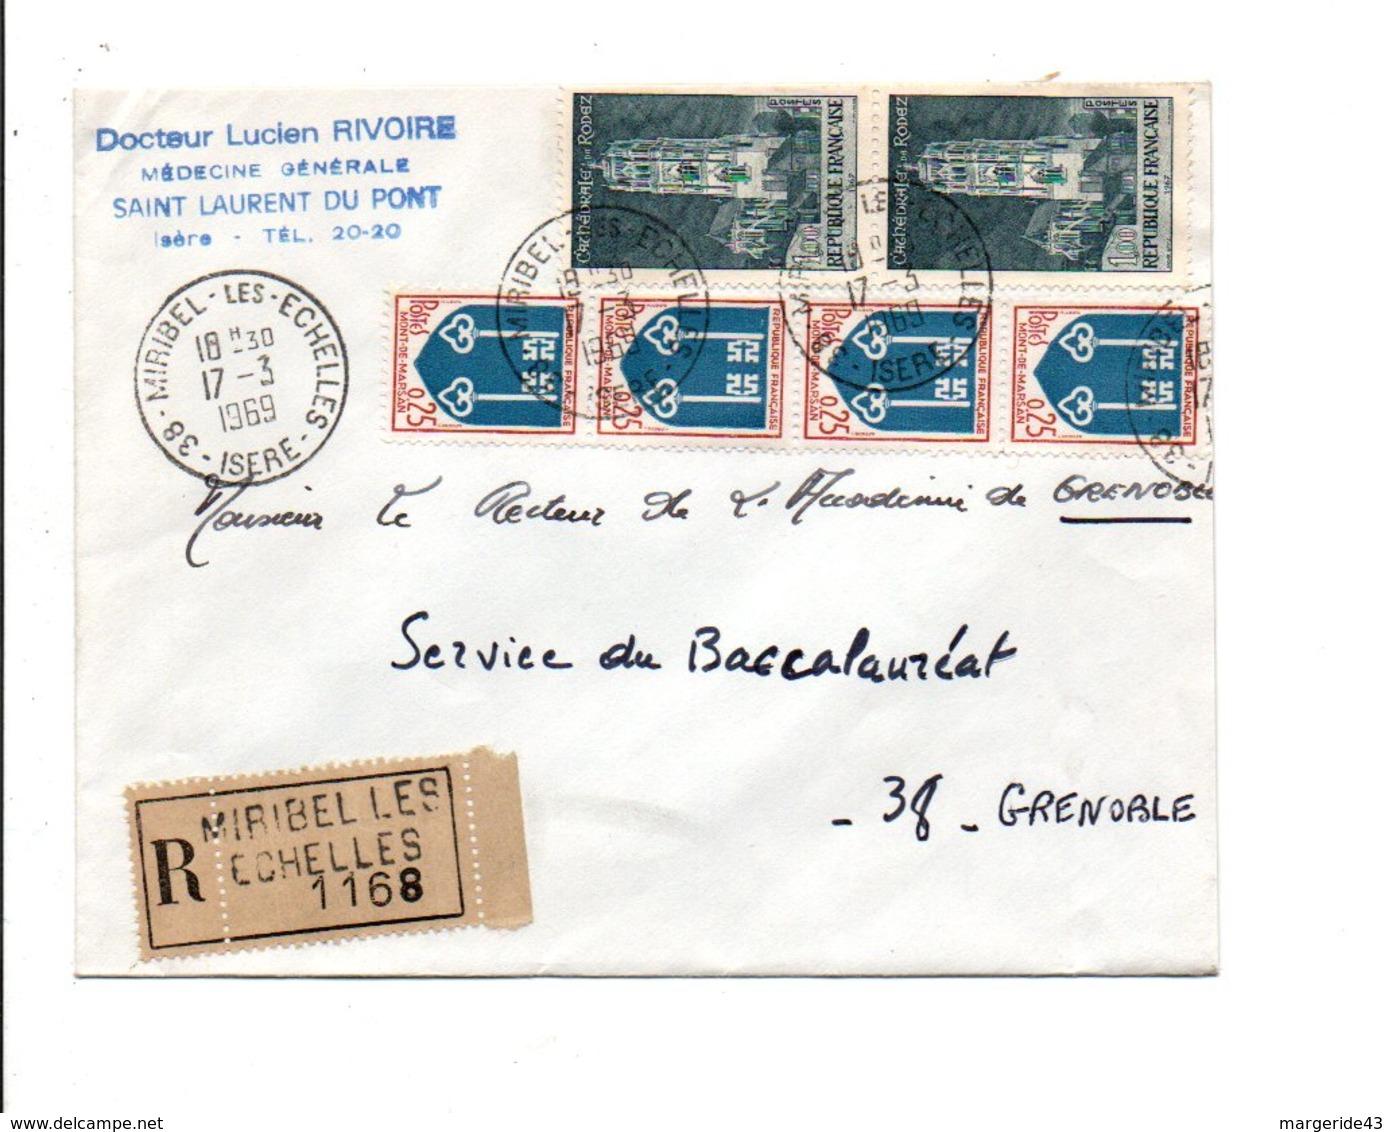 AFFRANCHISSEMENT COMPOSE SUR LETTRE RECOMMANDEE DE MIRIBEL LES ECHELLES ISERE 1969 - Storia Postale